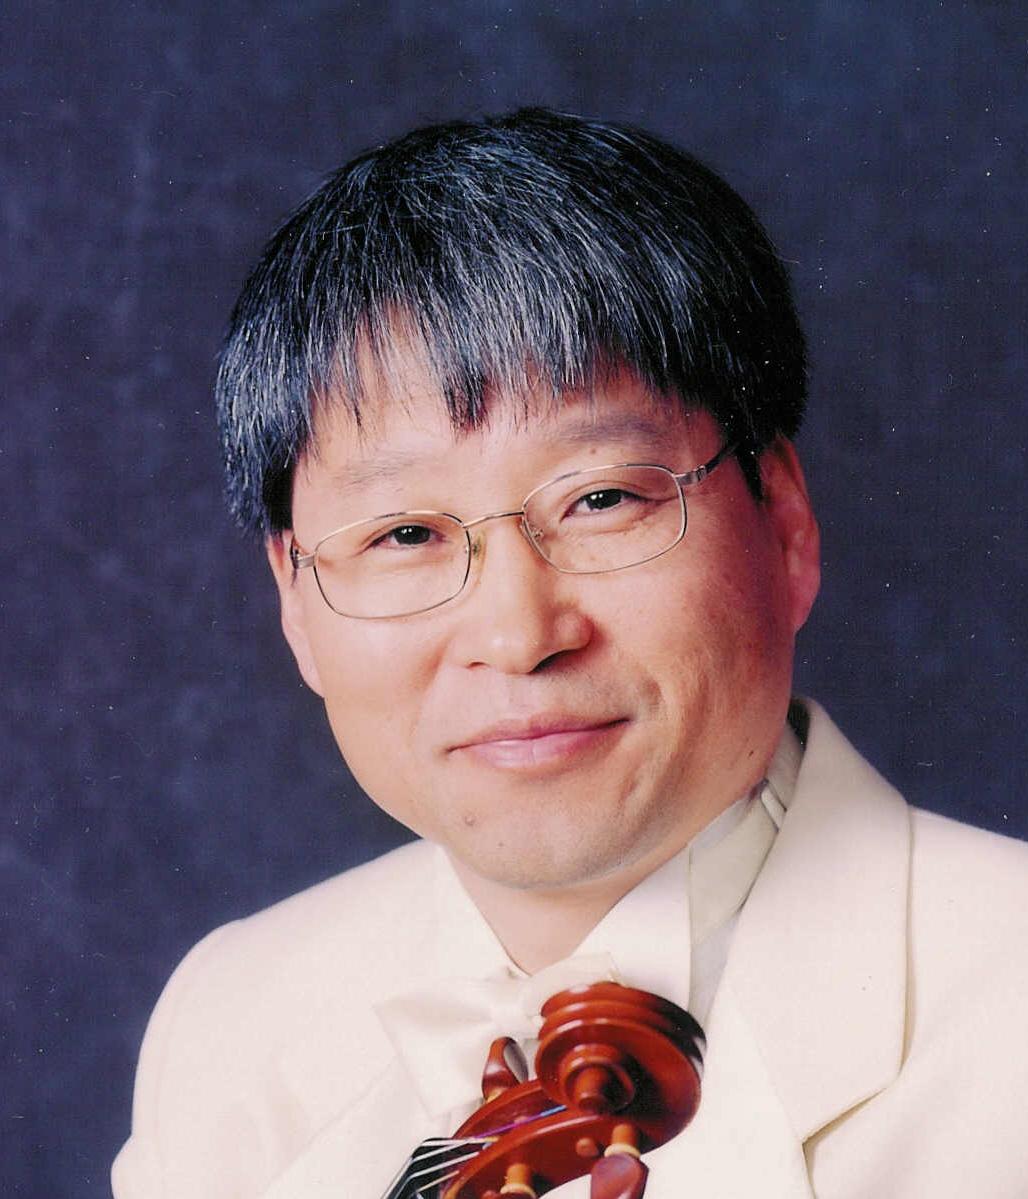 김농학 교수 사진